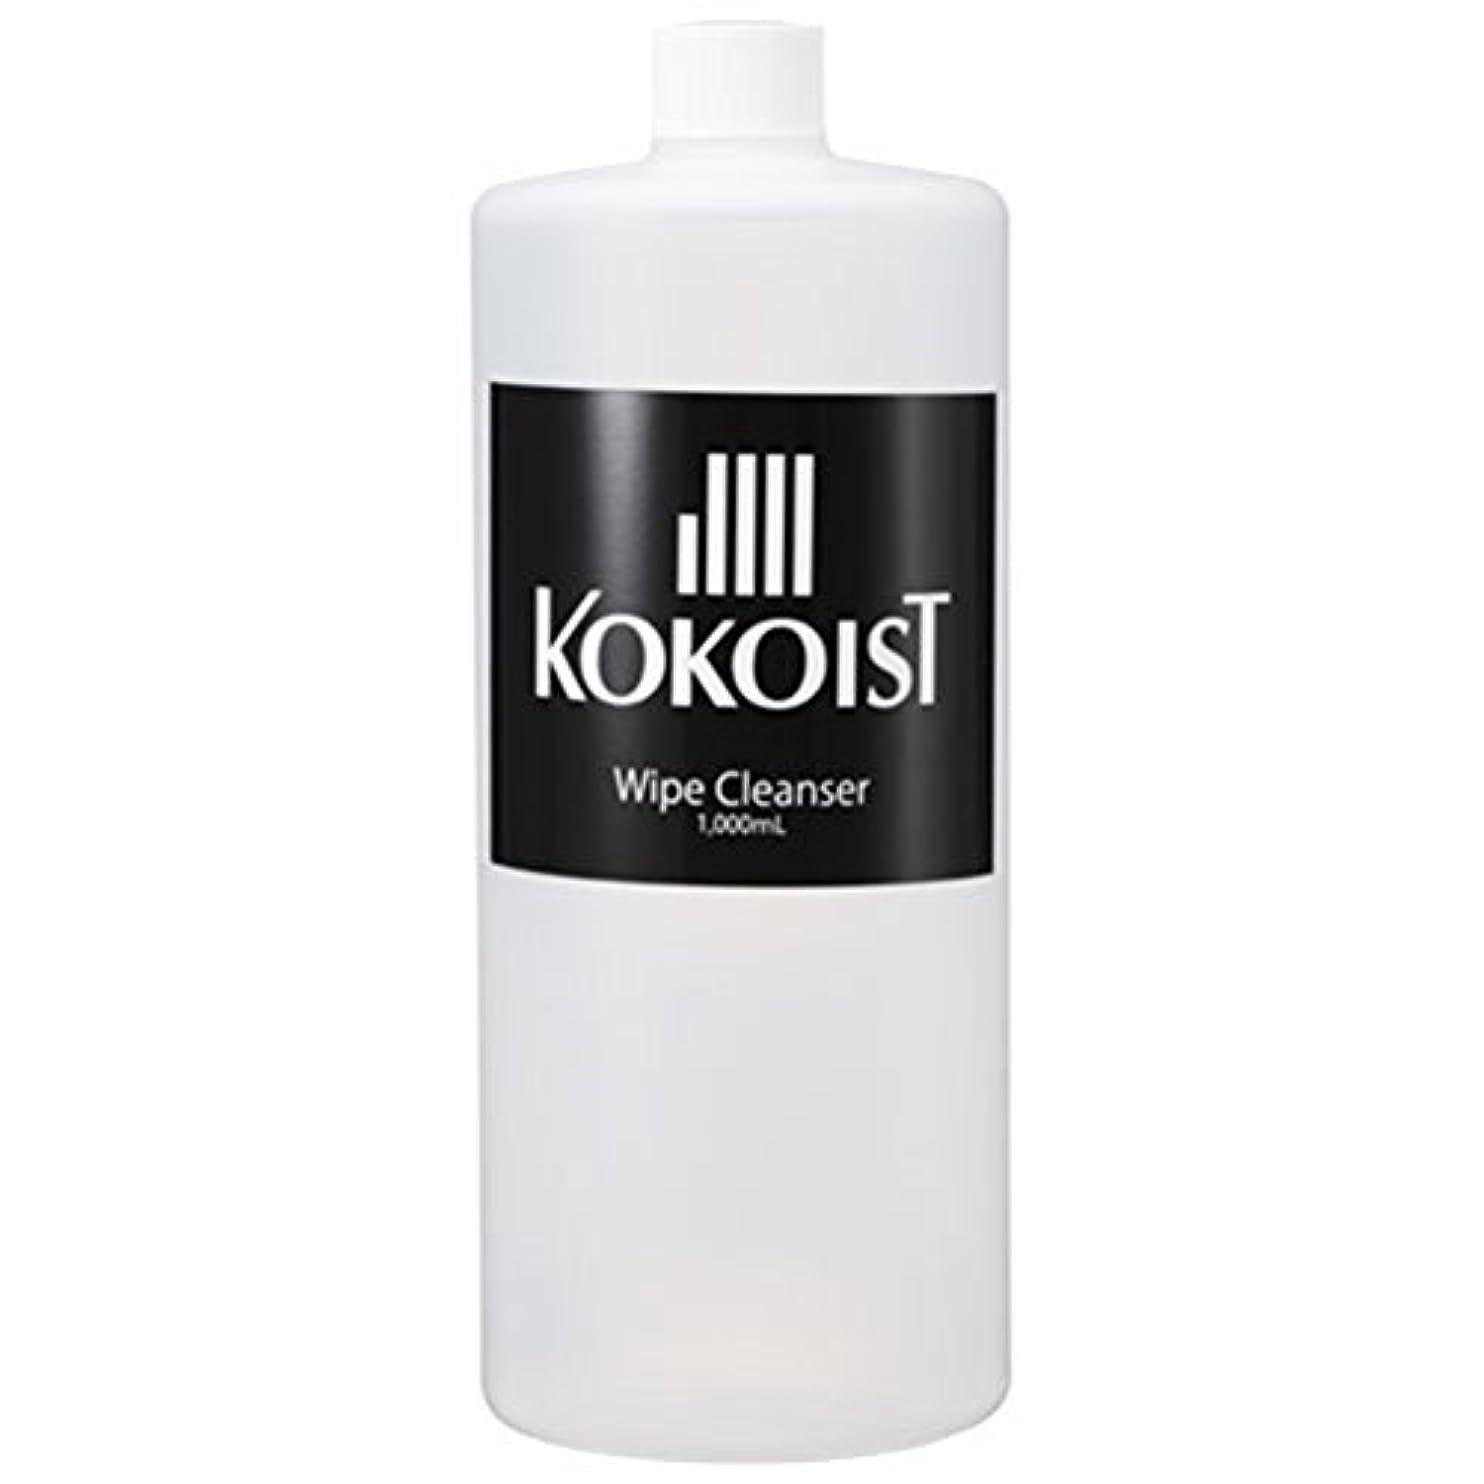 クマノミ主観的抽出KOKOIST クレンザー1000ml